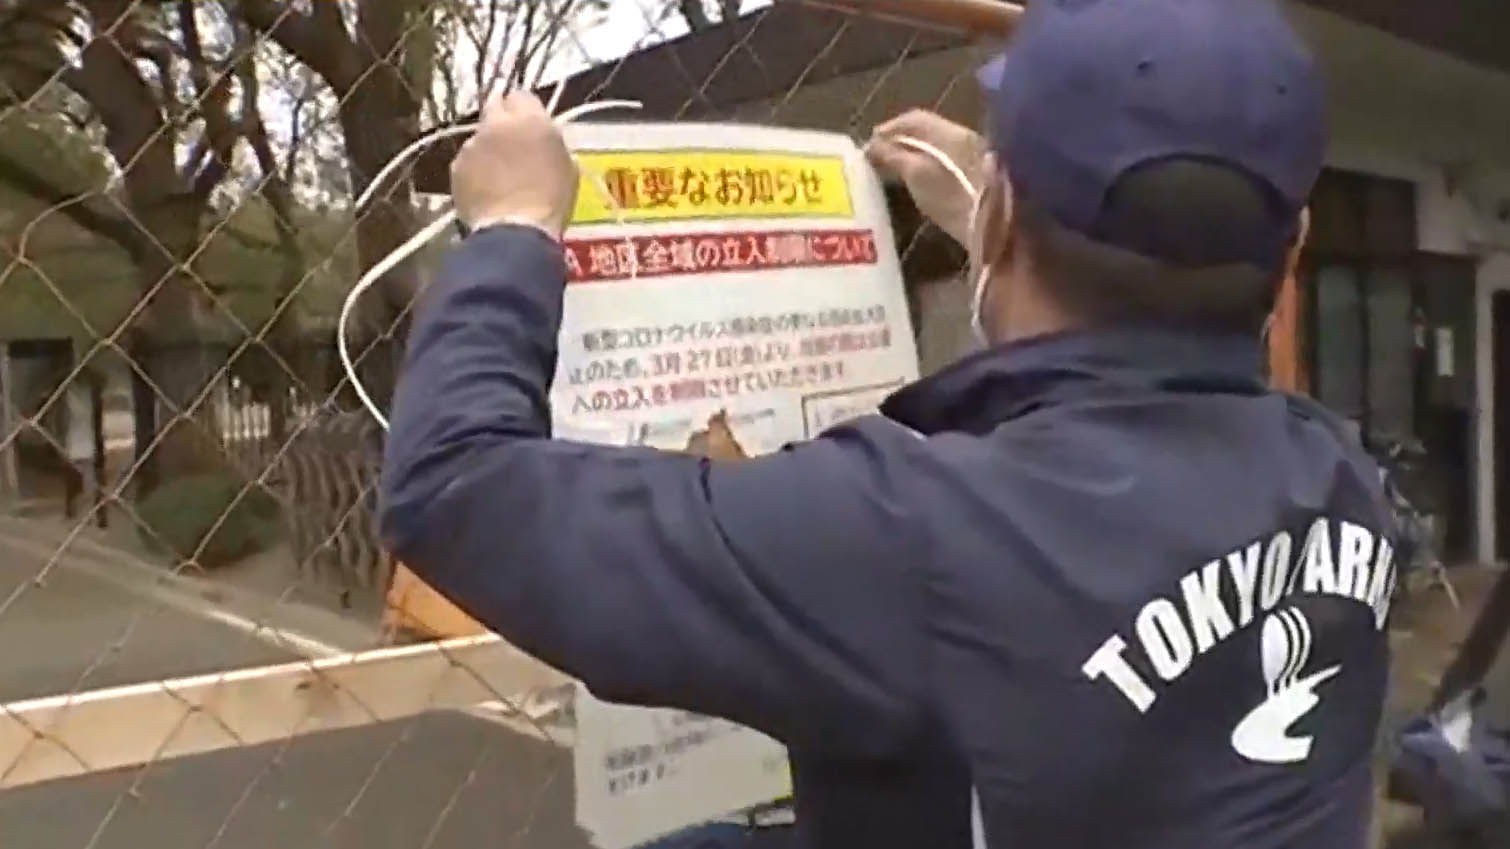 東京大阪等籲民眾周末勿外出 公園局部封閉免人群聚集賞櫻